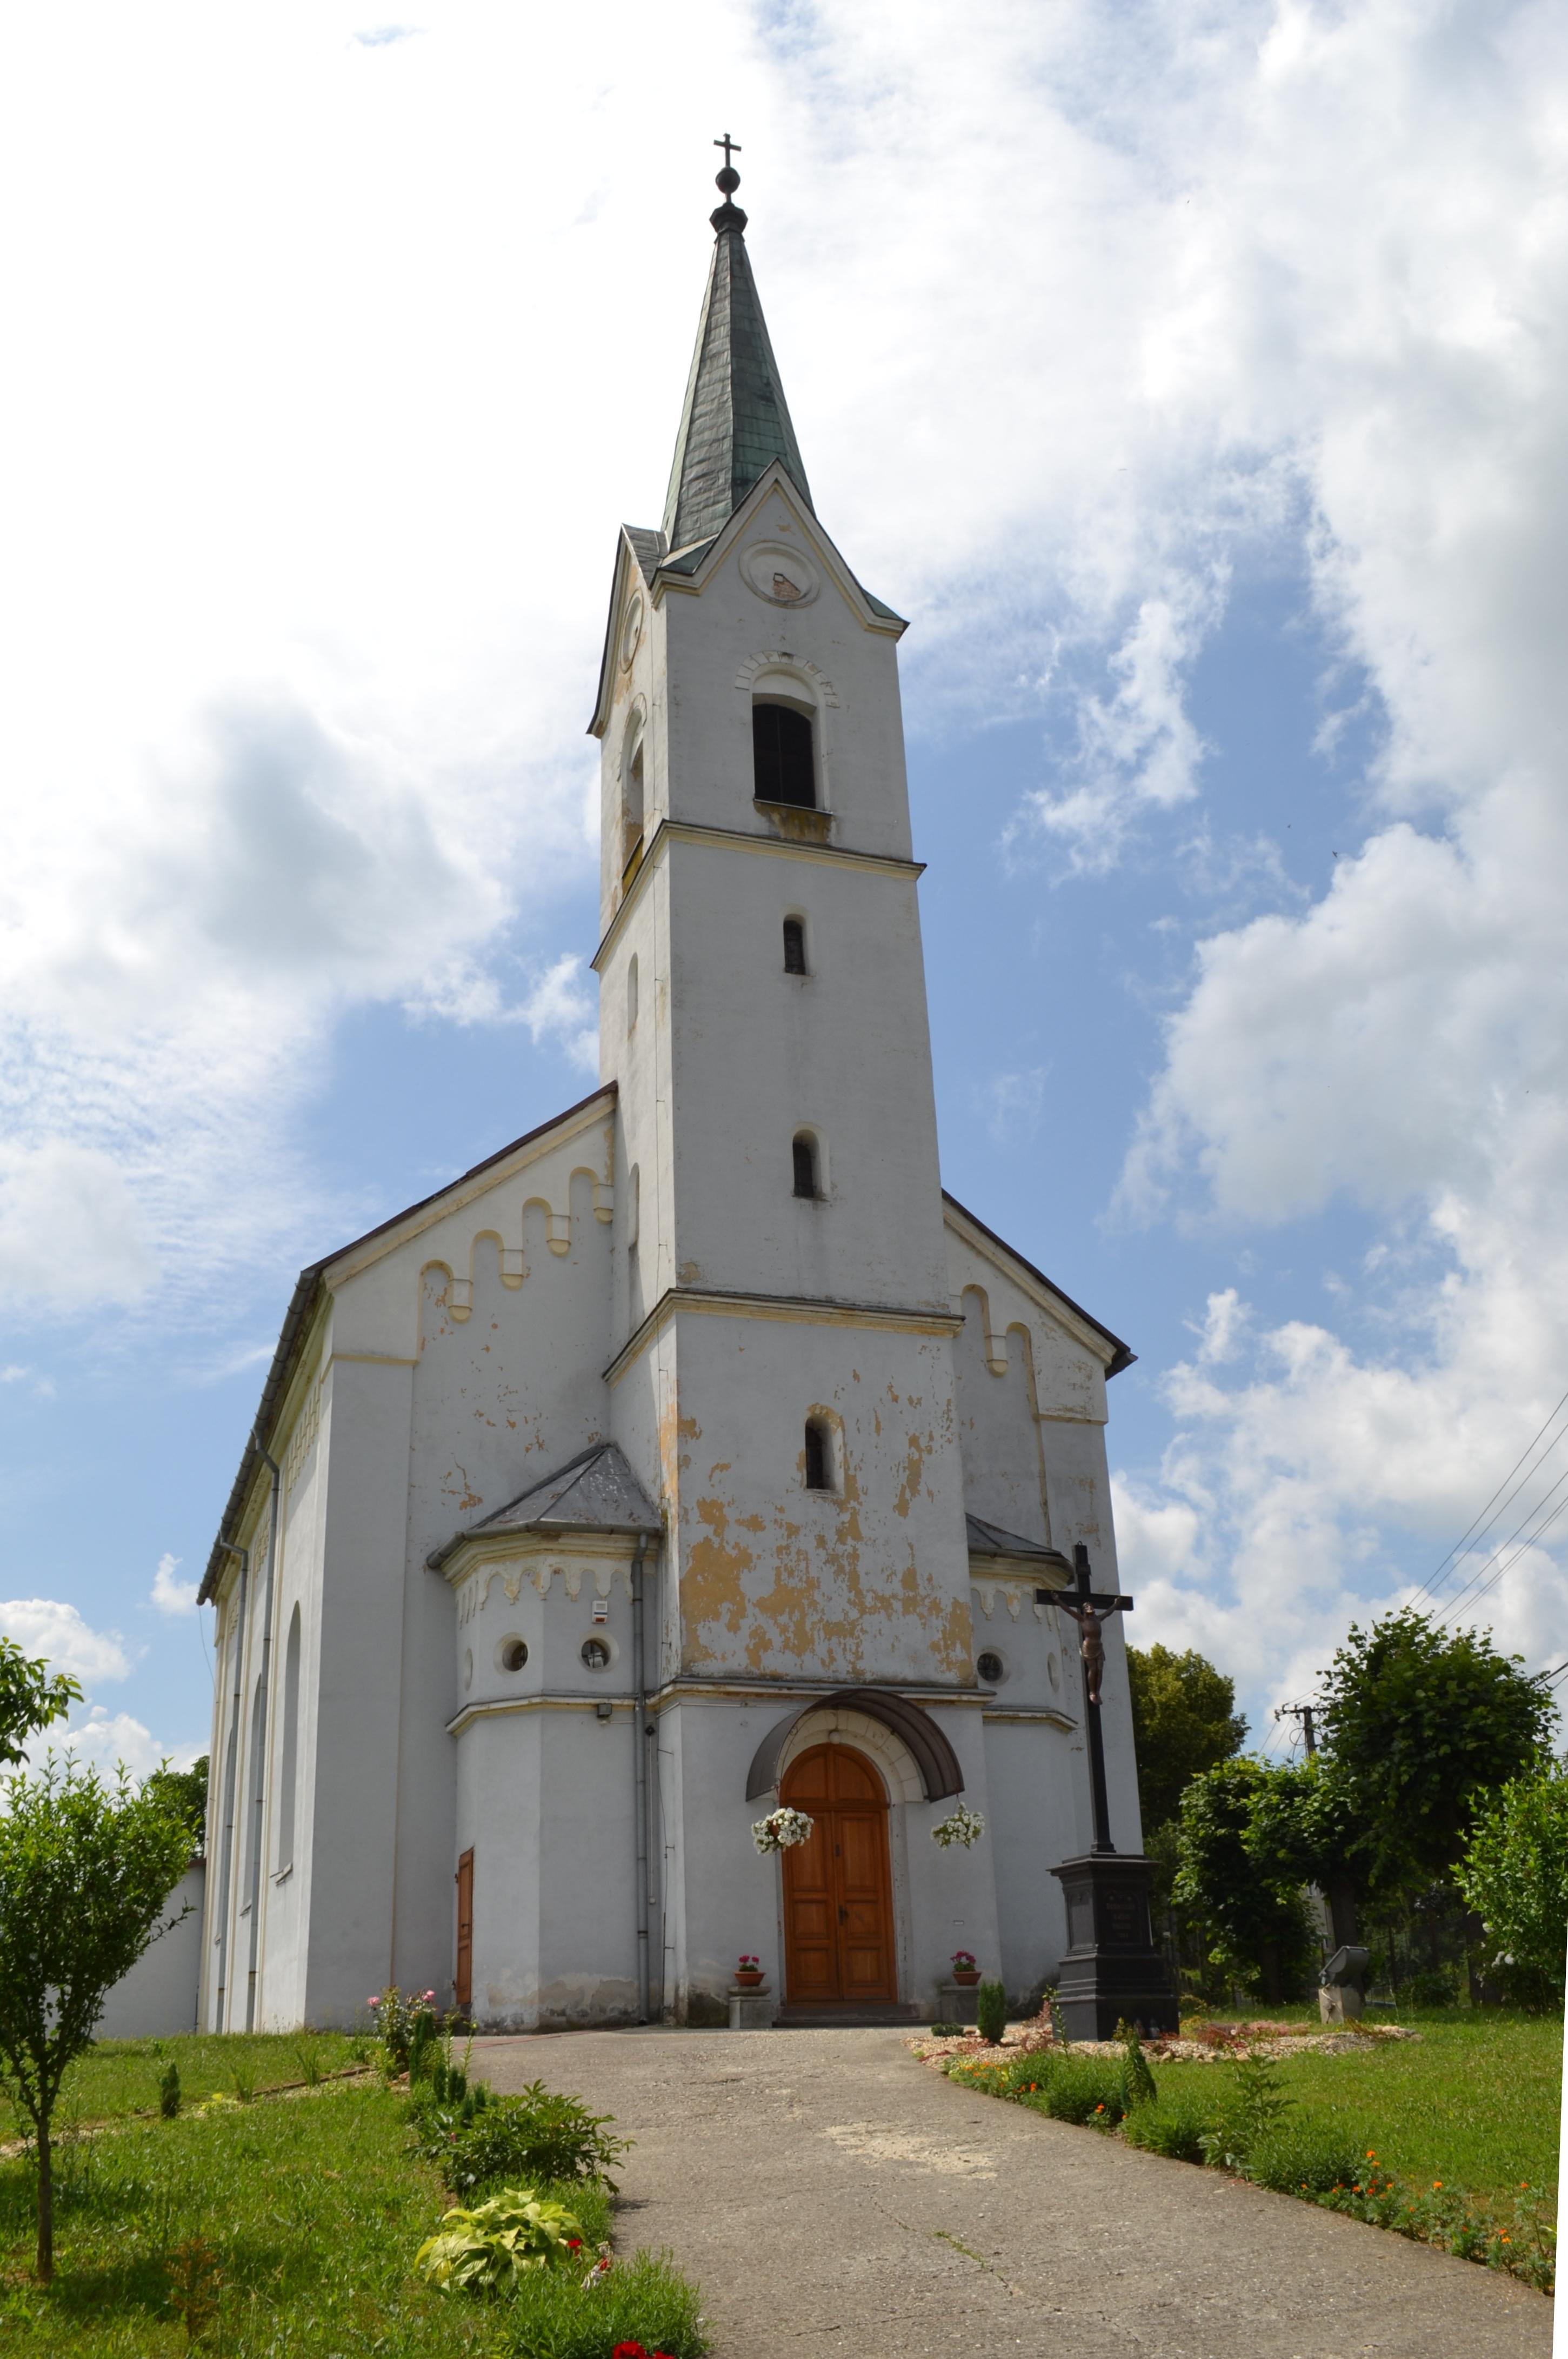 Jesenské (district de Rimavská Sobota)